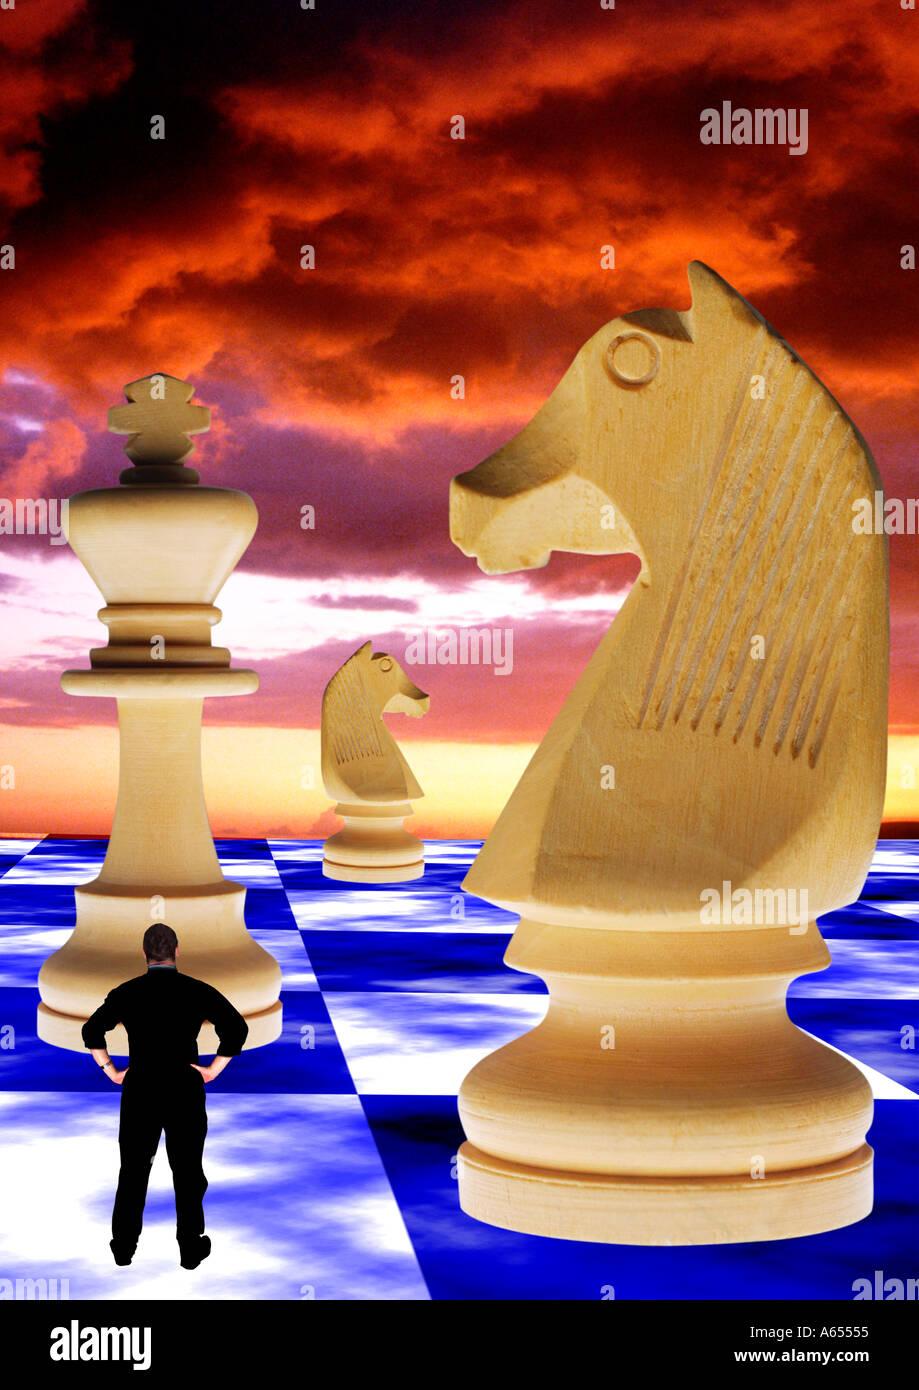 Klein, winzig, Mann zu, Giant, Schach, Stücke, Spiel, abstraktes Konzept Special Effects, Strategie, Theorie, rational, Studie, mathematische, Modell, Stockbild